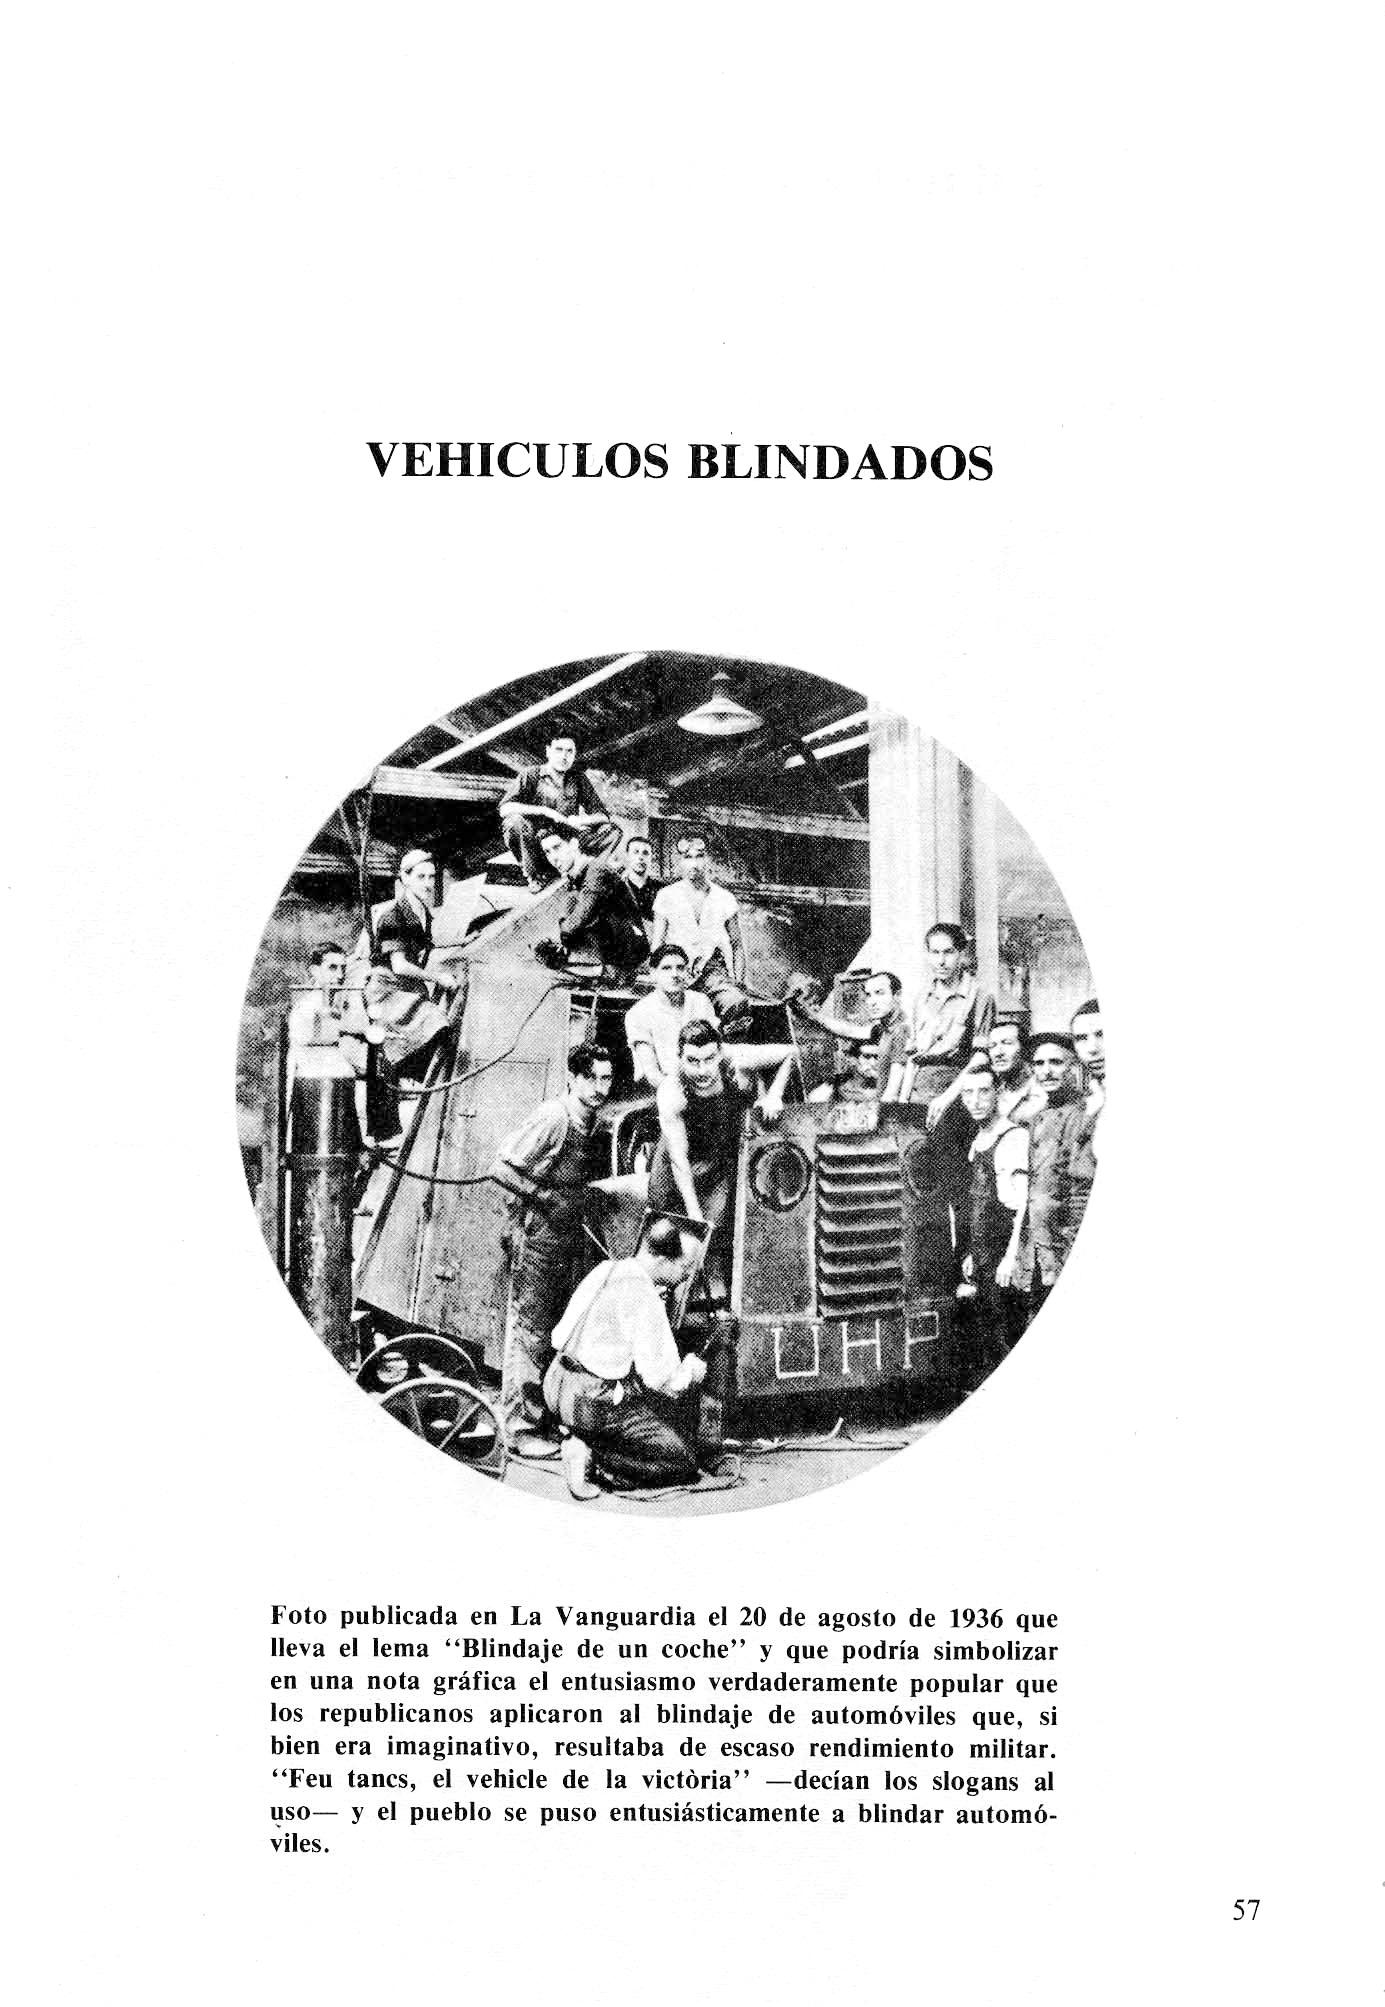 Carros De Combate Y Vehiculos Blindados De La Guerra 1936 1939 [F.C.Albert 1980]_Страница_055.jpg